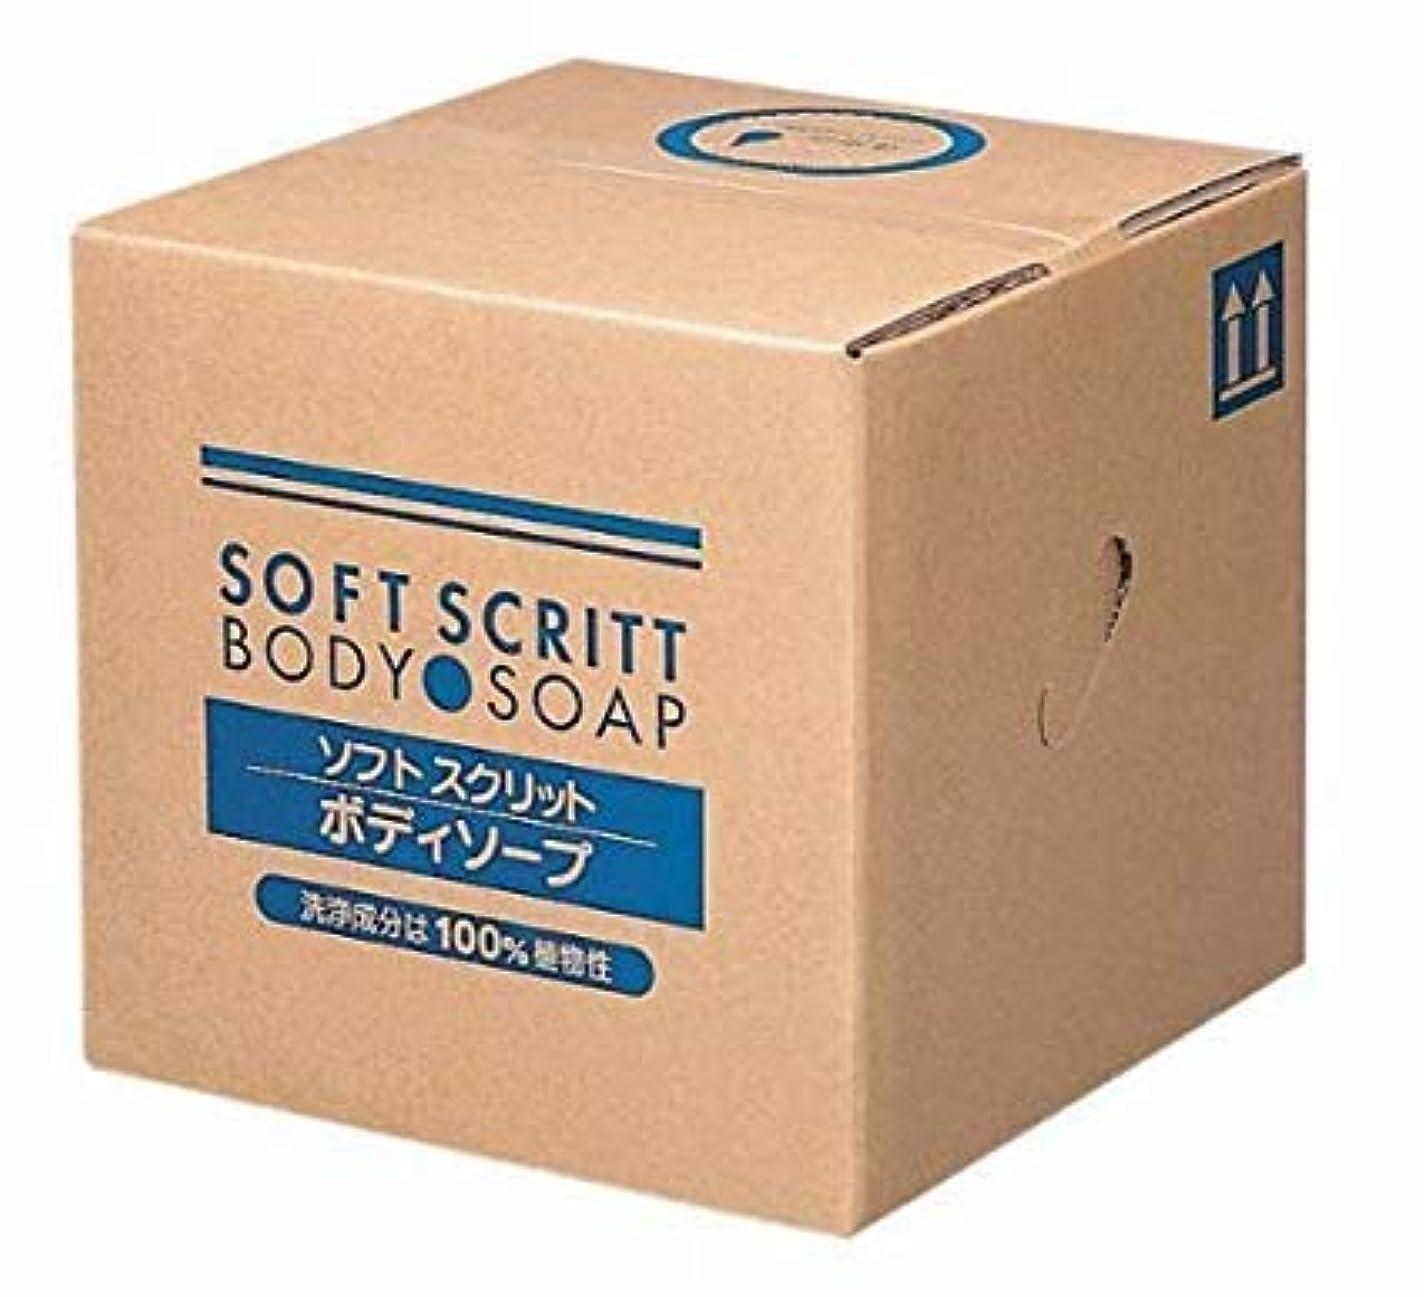 デマンドアルプス解明する業務用 SOFT SCRITT(ソフト スクリット) ボディソープ 18L 熊野油脂 コック無し